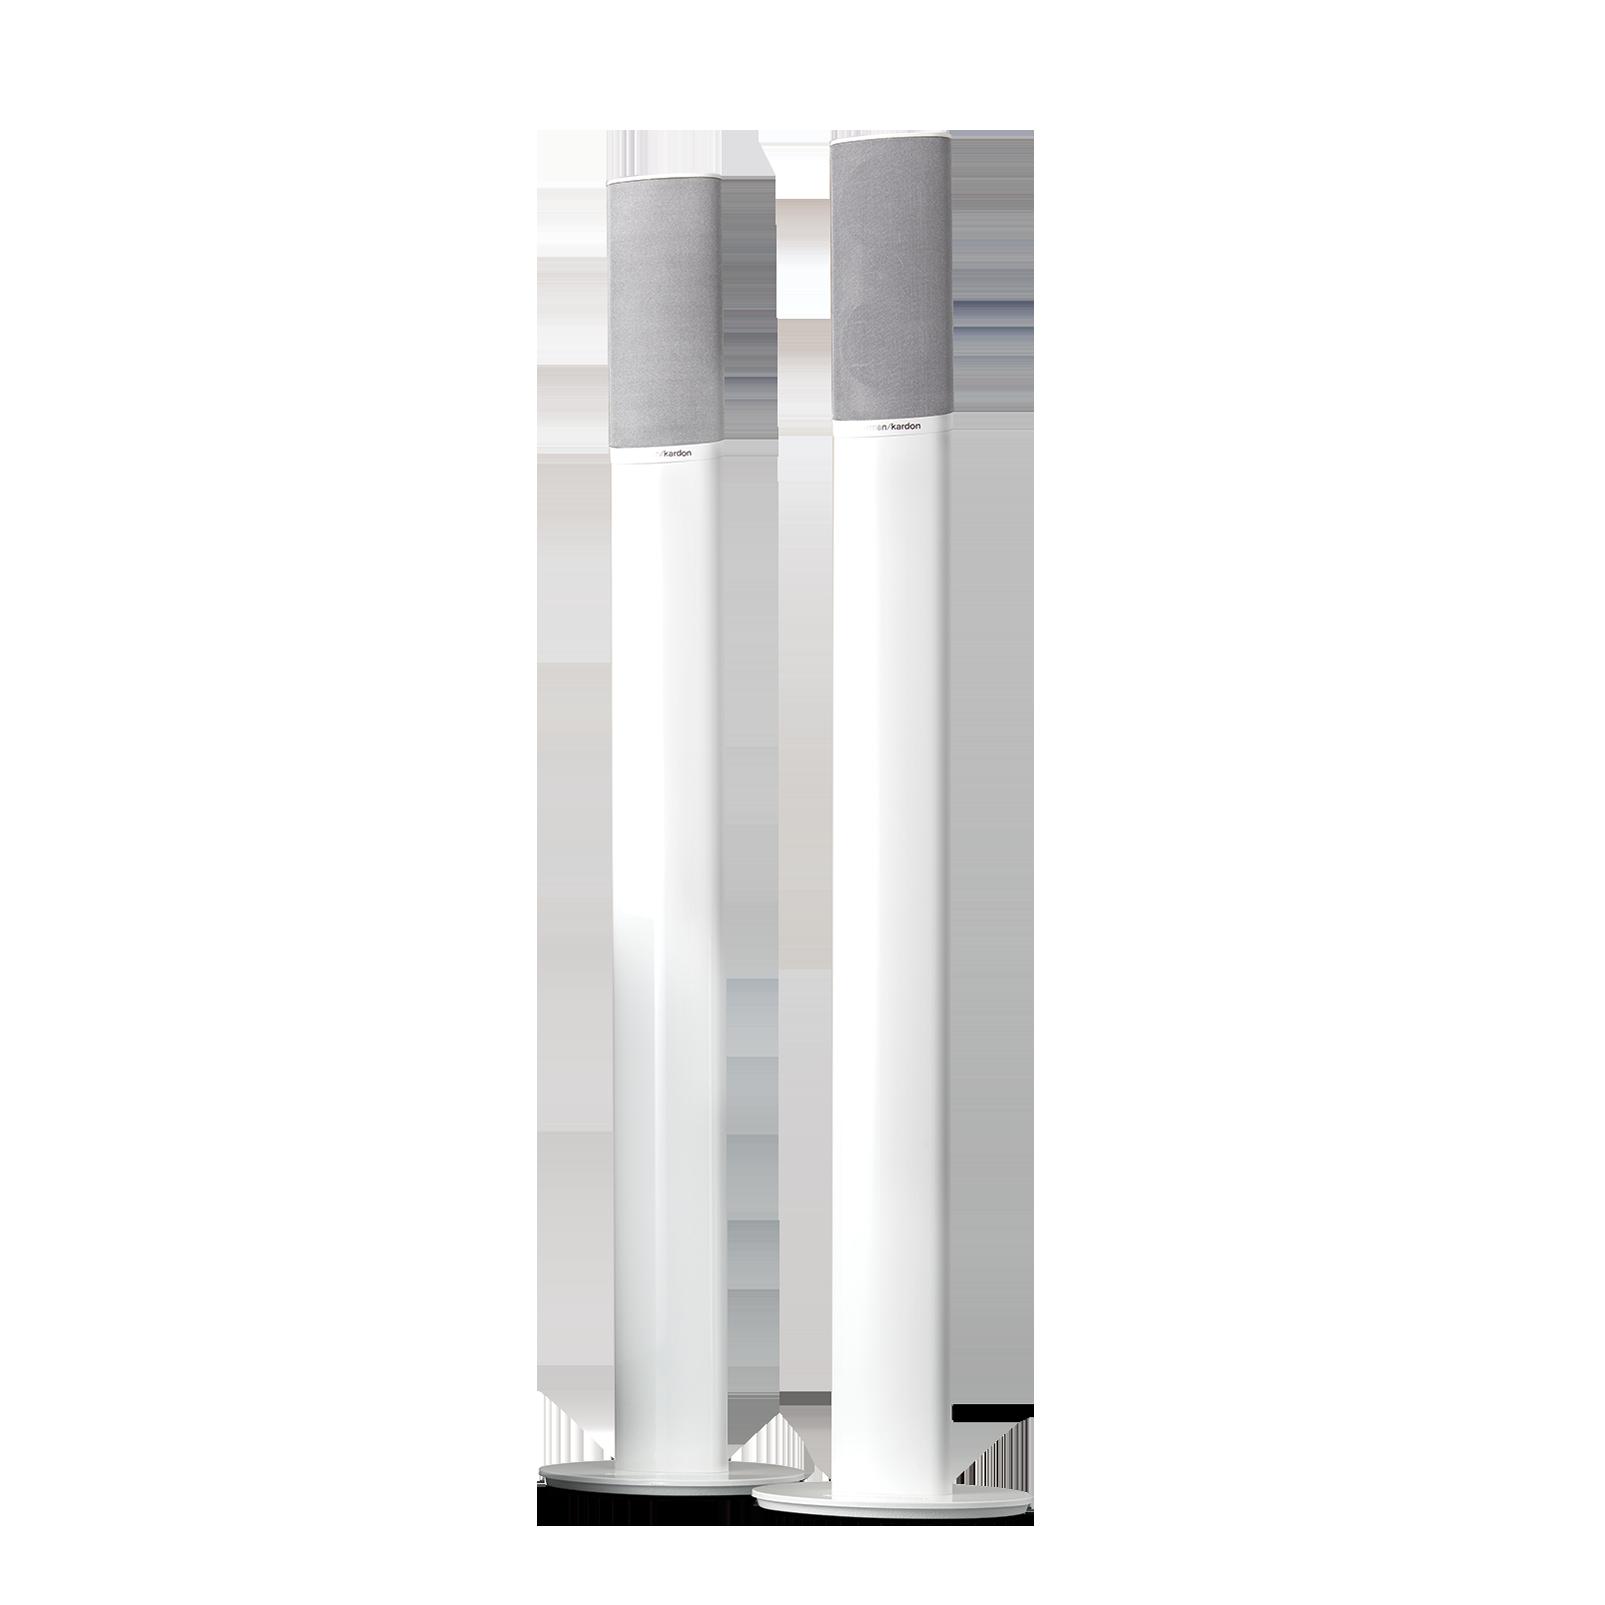 HTFS 2 - White - Floor stands for HKTS 2mkIIWQ and HKTS 16WQ - Hero